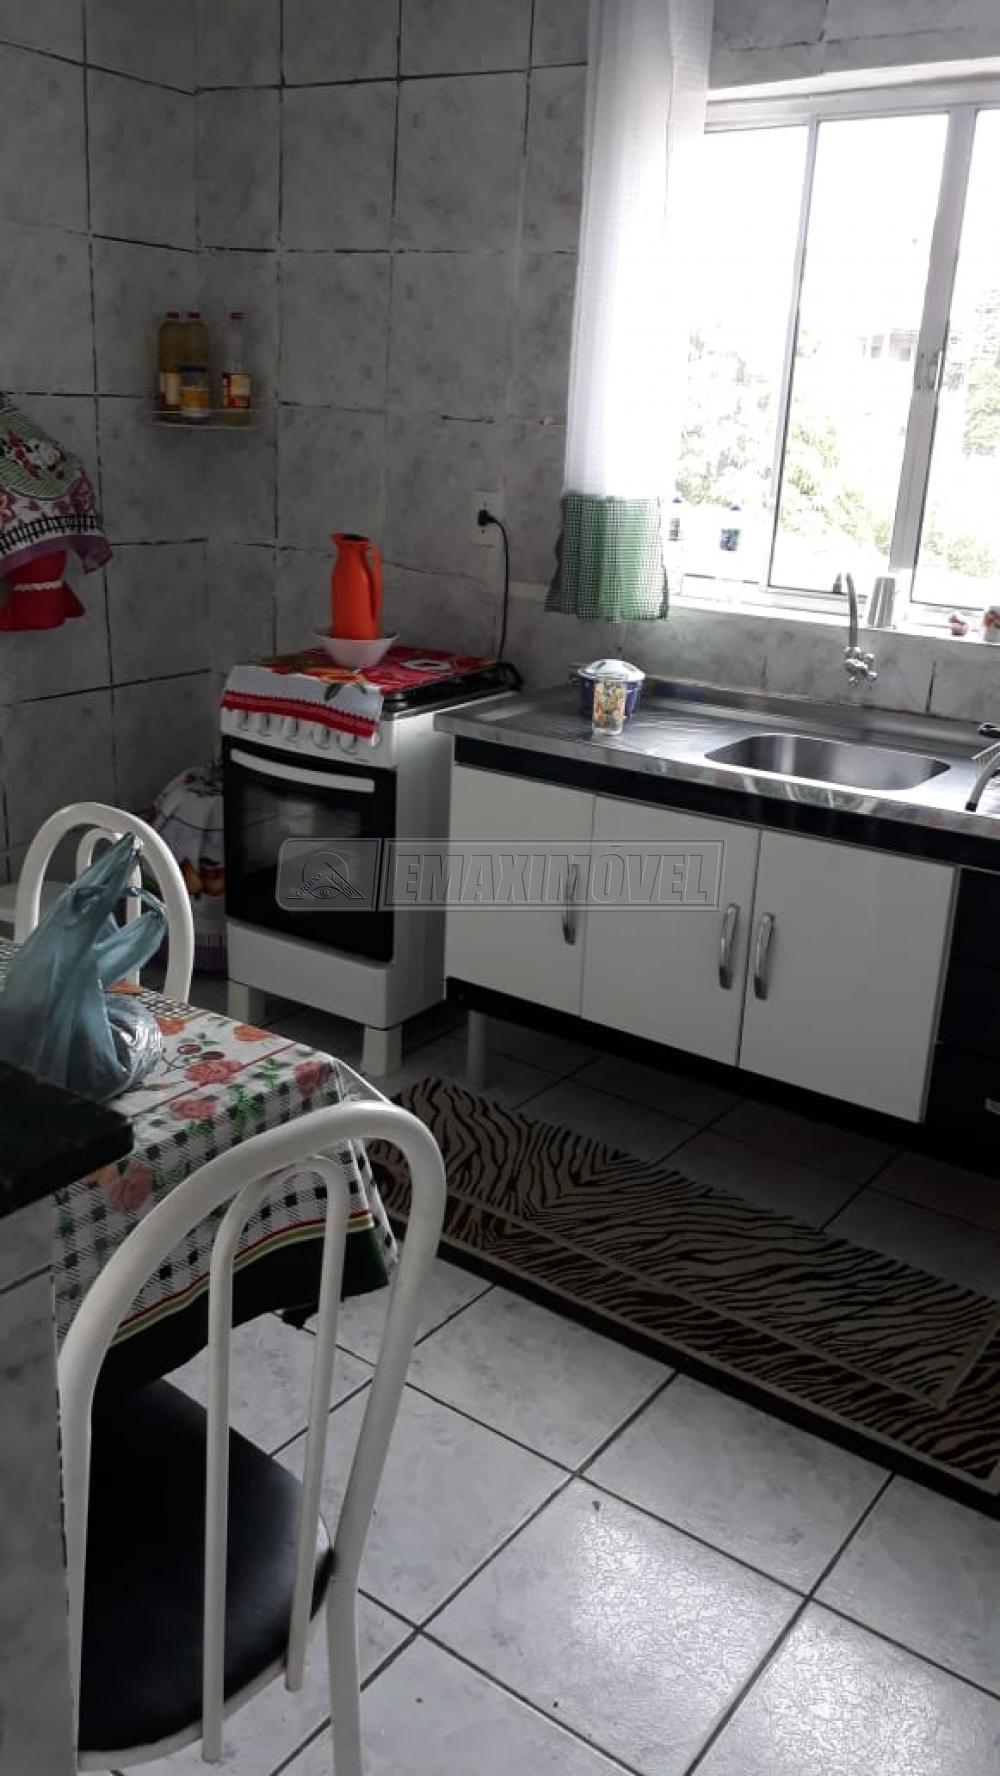 Comprar Casas / em Bairros em Votorantim apenas R$ 200.000,00 - Foto 7